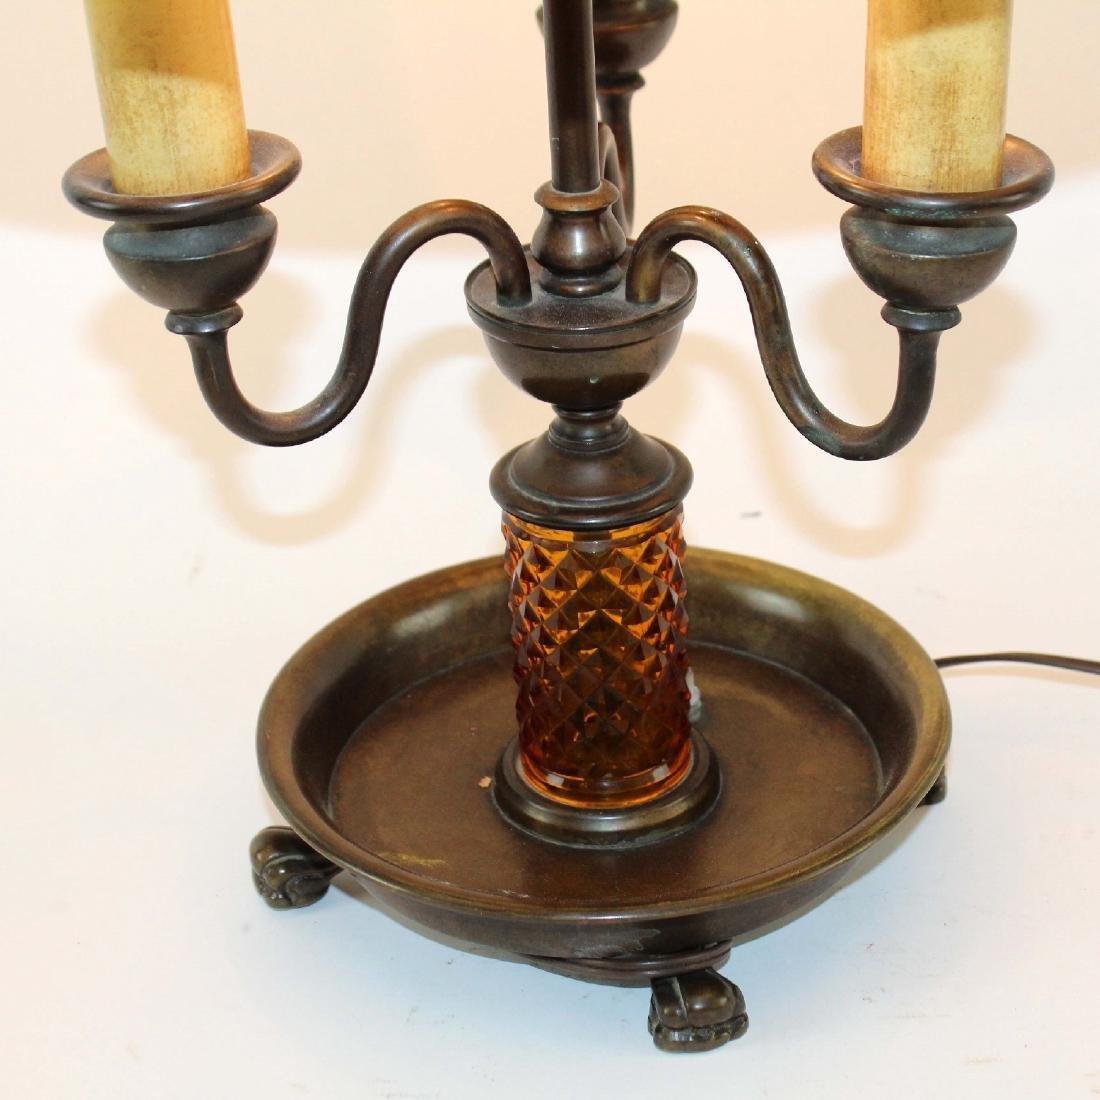 Handel slag glass table lamp - 6